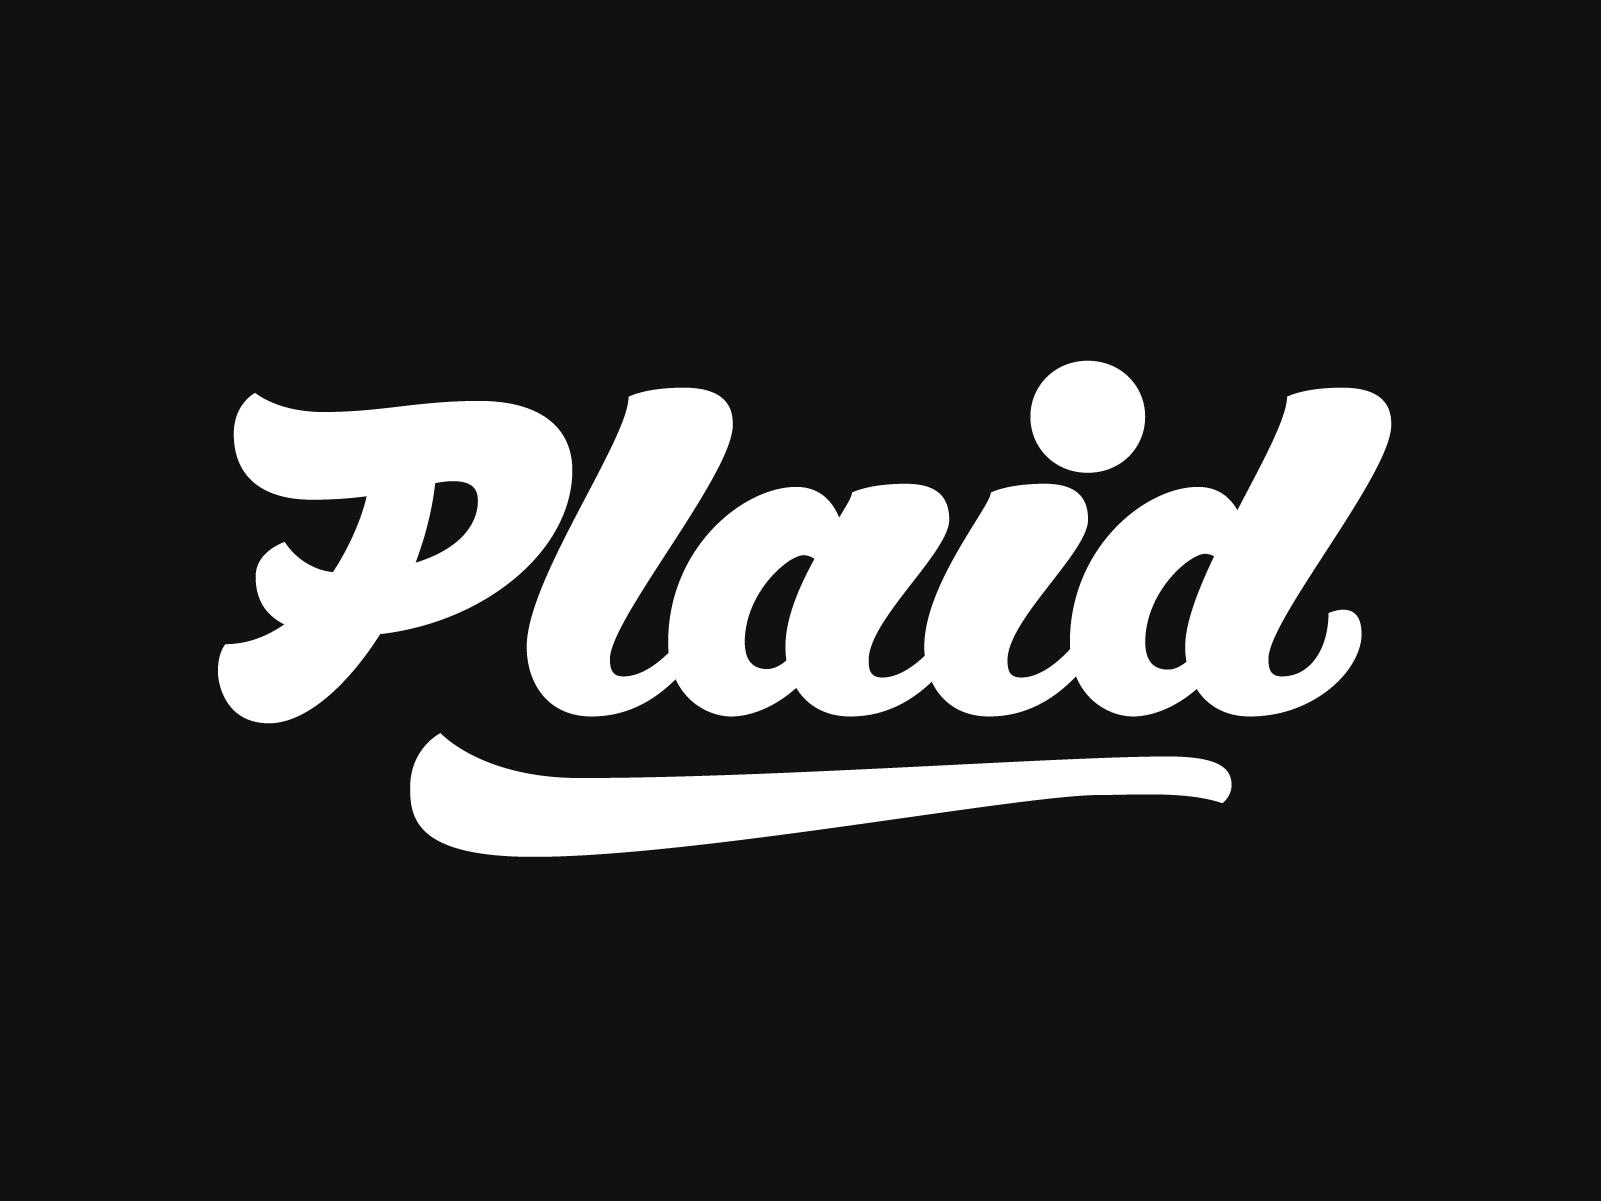 Plaid script dribbble